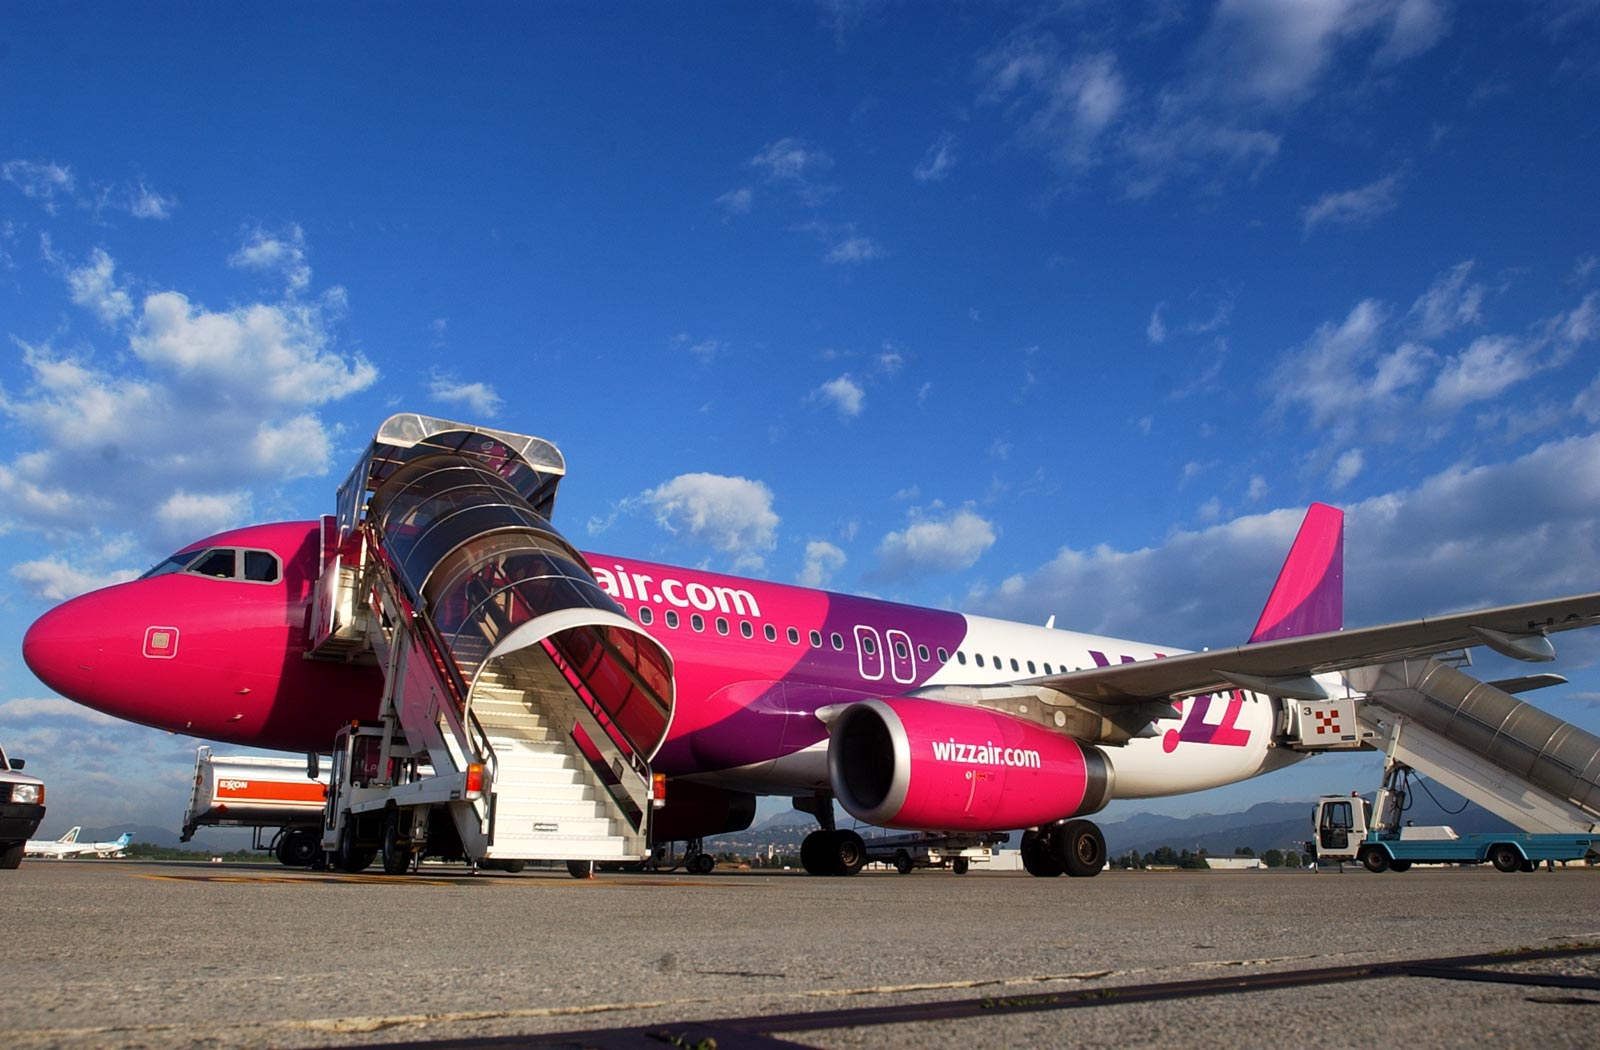 España: Wizz Air ofertará conexión semanal entre Fuerteventura y Budapest en el invierno 2016/2017